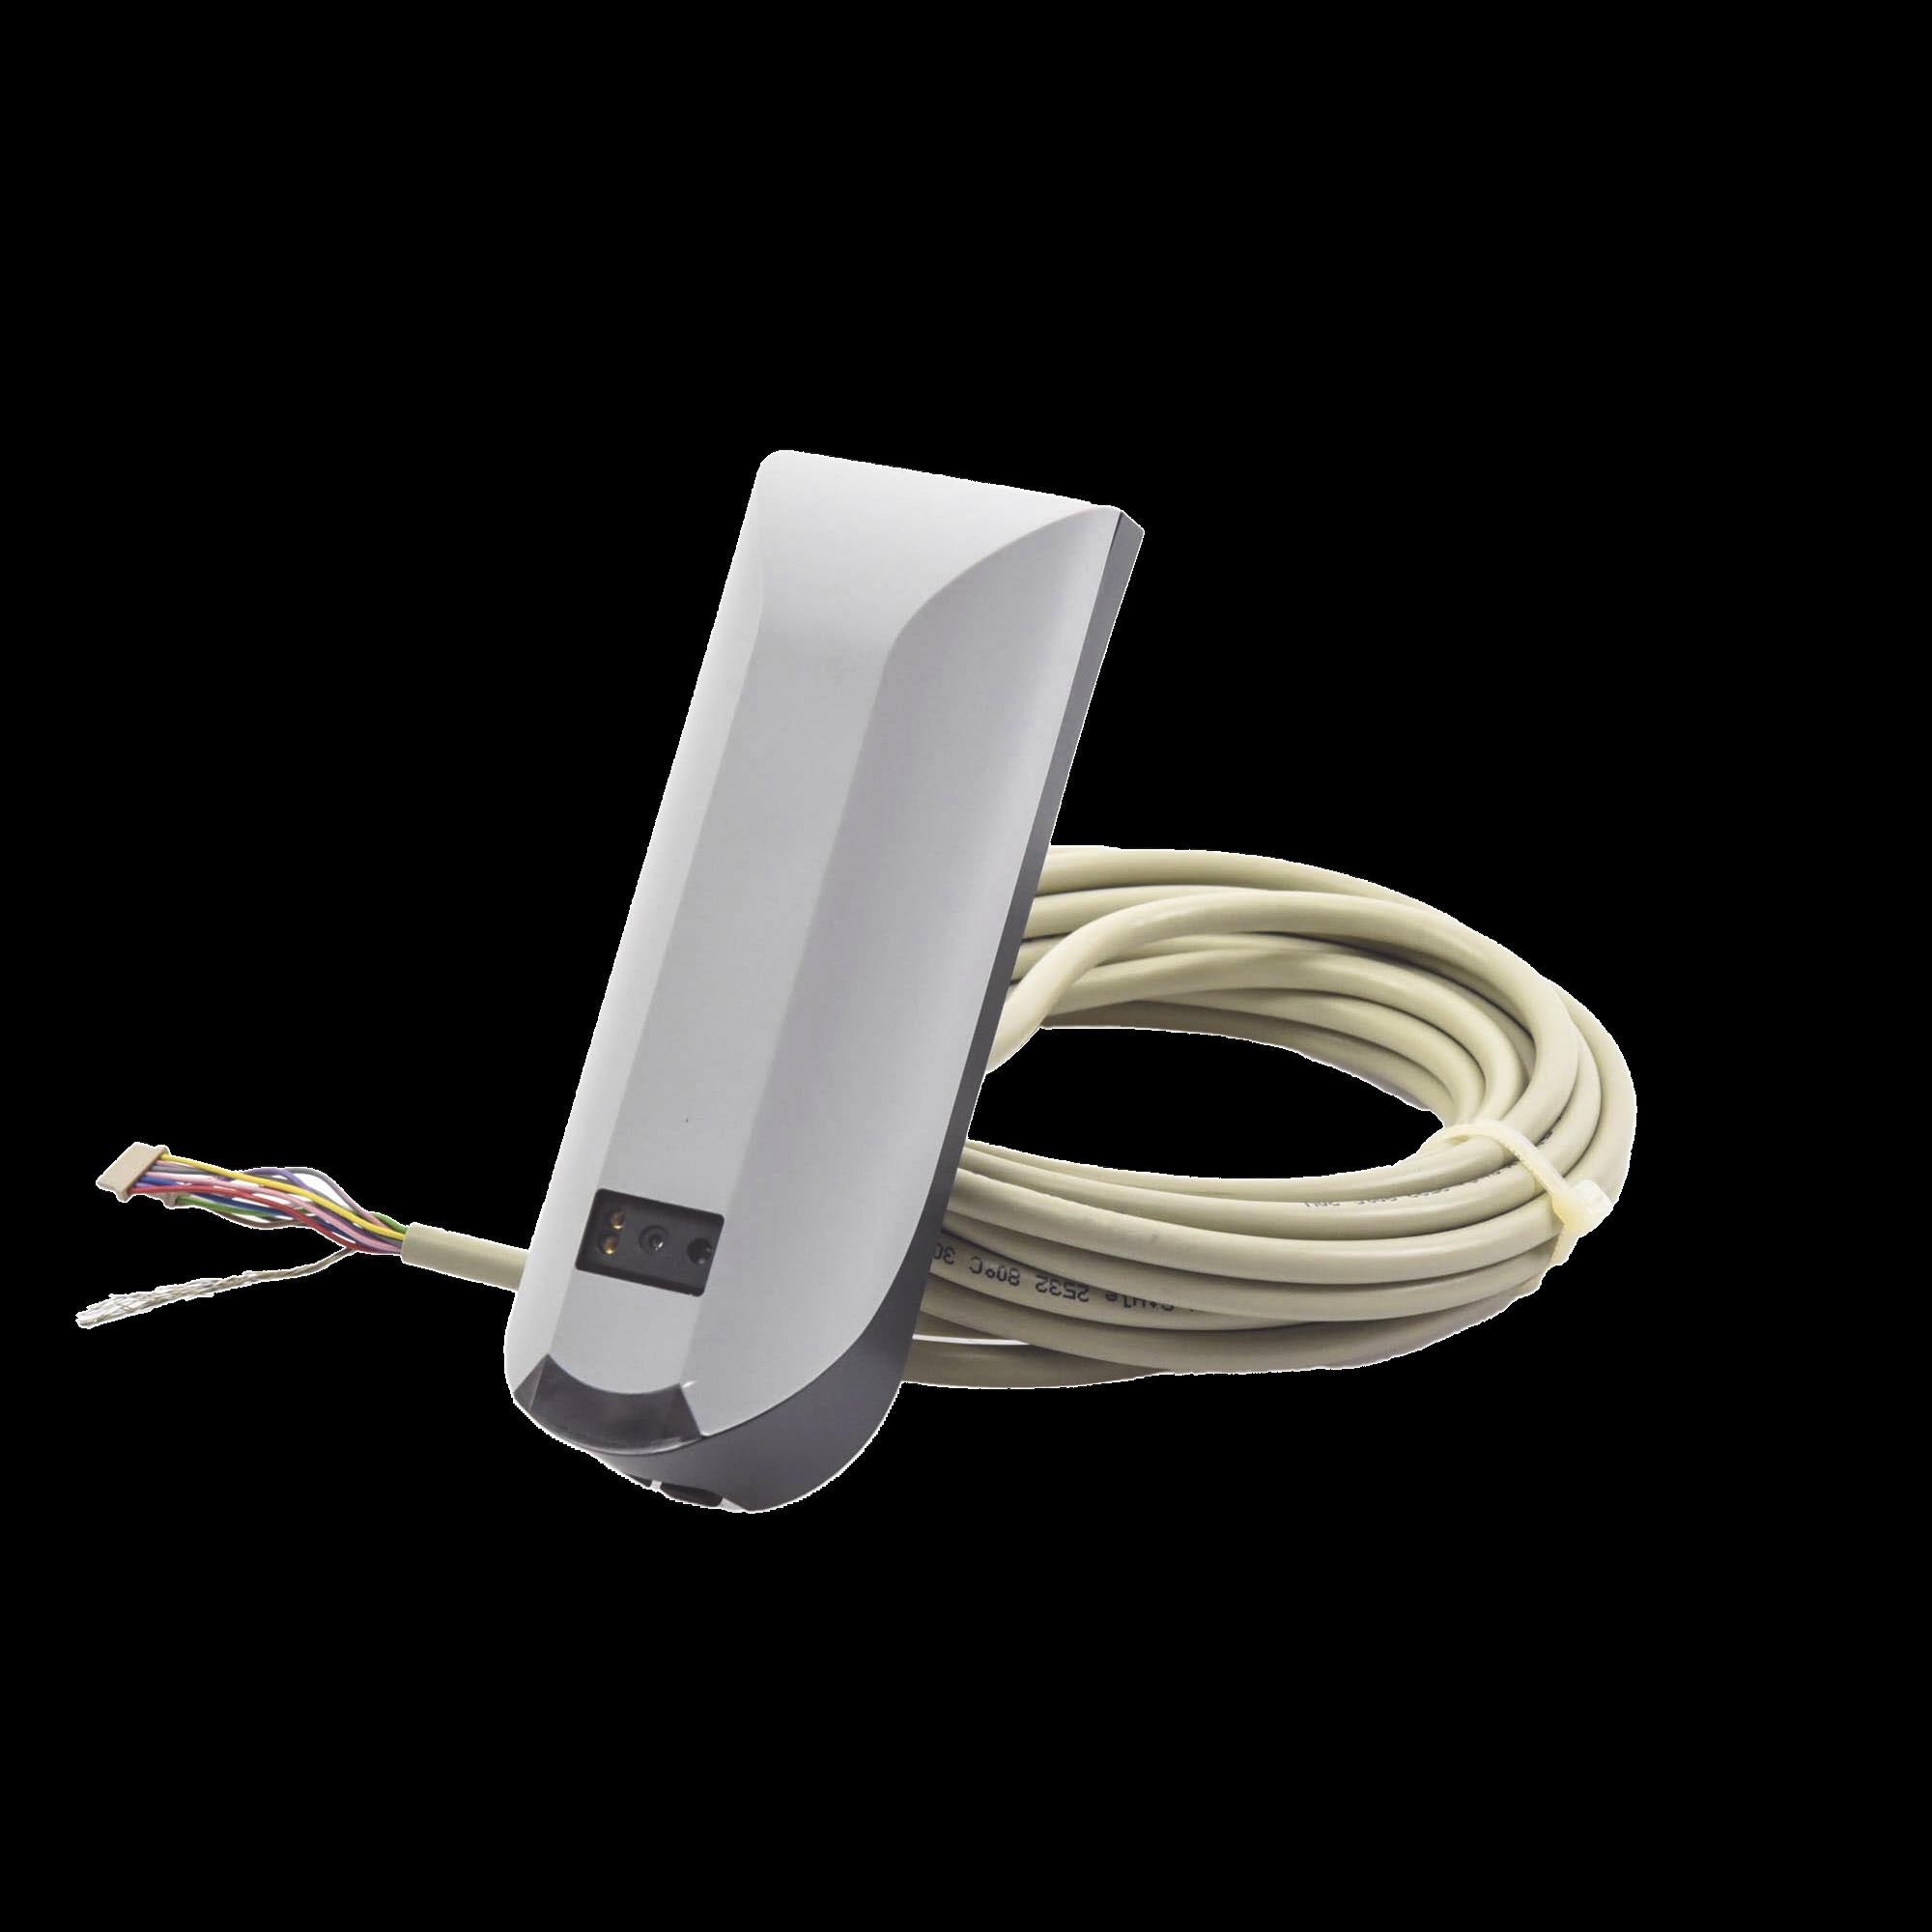 Lector de codigos QR / tarjetas convencionales y tarjetas virtuales via BLUETOOTH y NFC / Administracion en la NUBE / Salida WIEGAND compatible con cualquier panel de acceso /NVITE